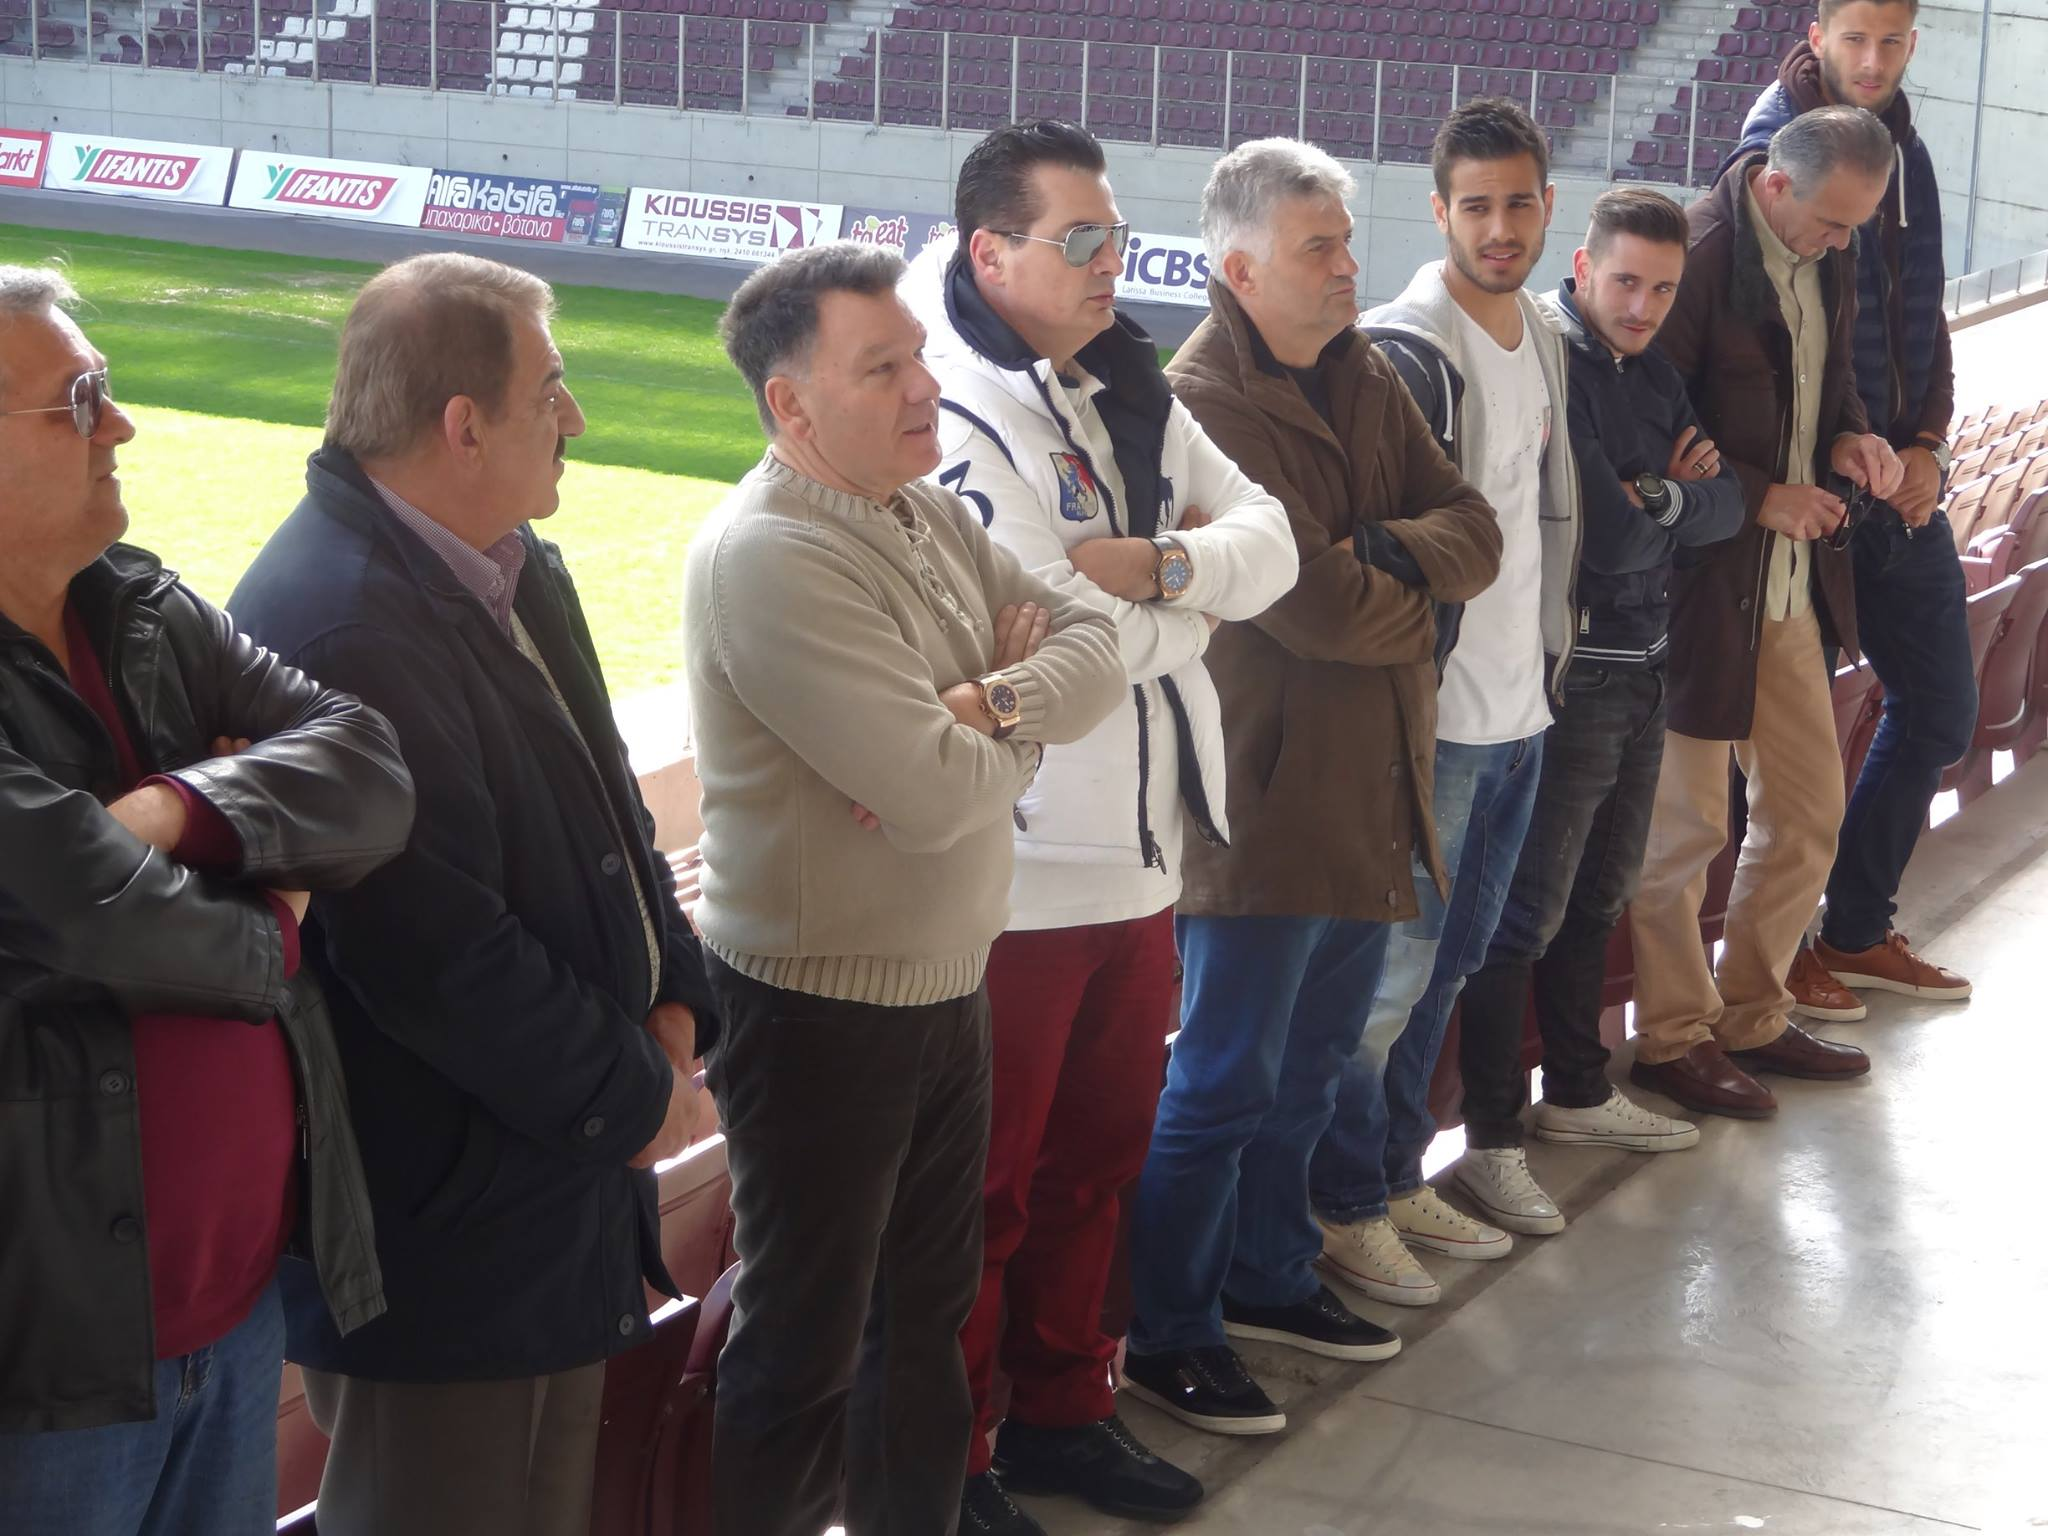 Εκδρομή σχολείων στο γήπεδο - Τους υποδέχθηκαν παίκτες και διοίκηση της ΑΕΛ 8a1fd64c3dd